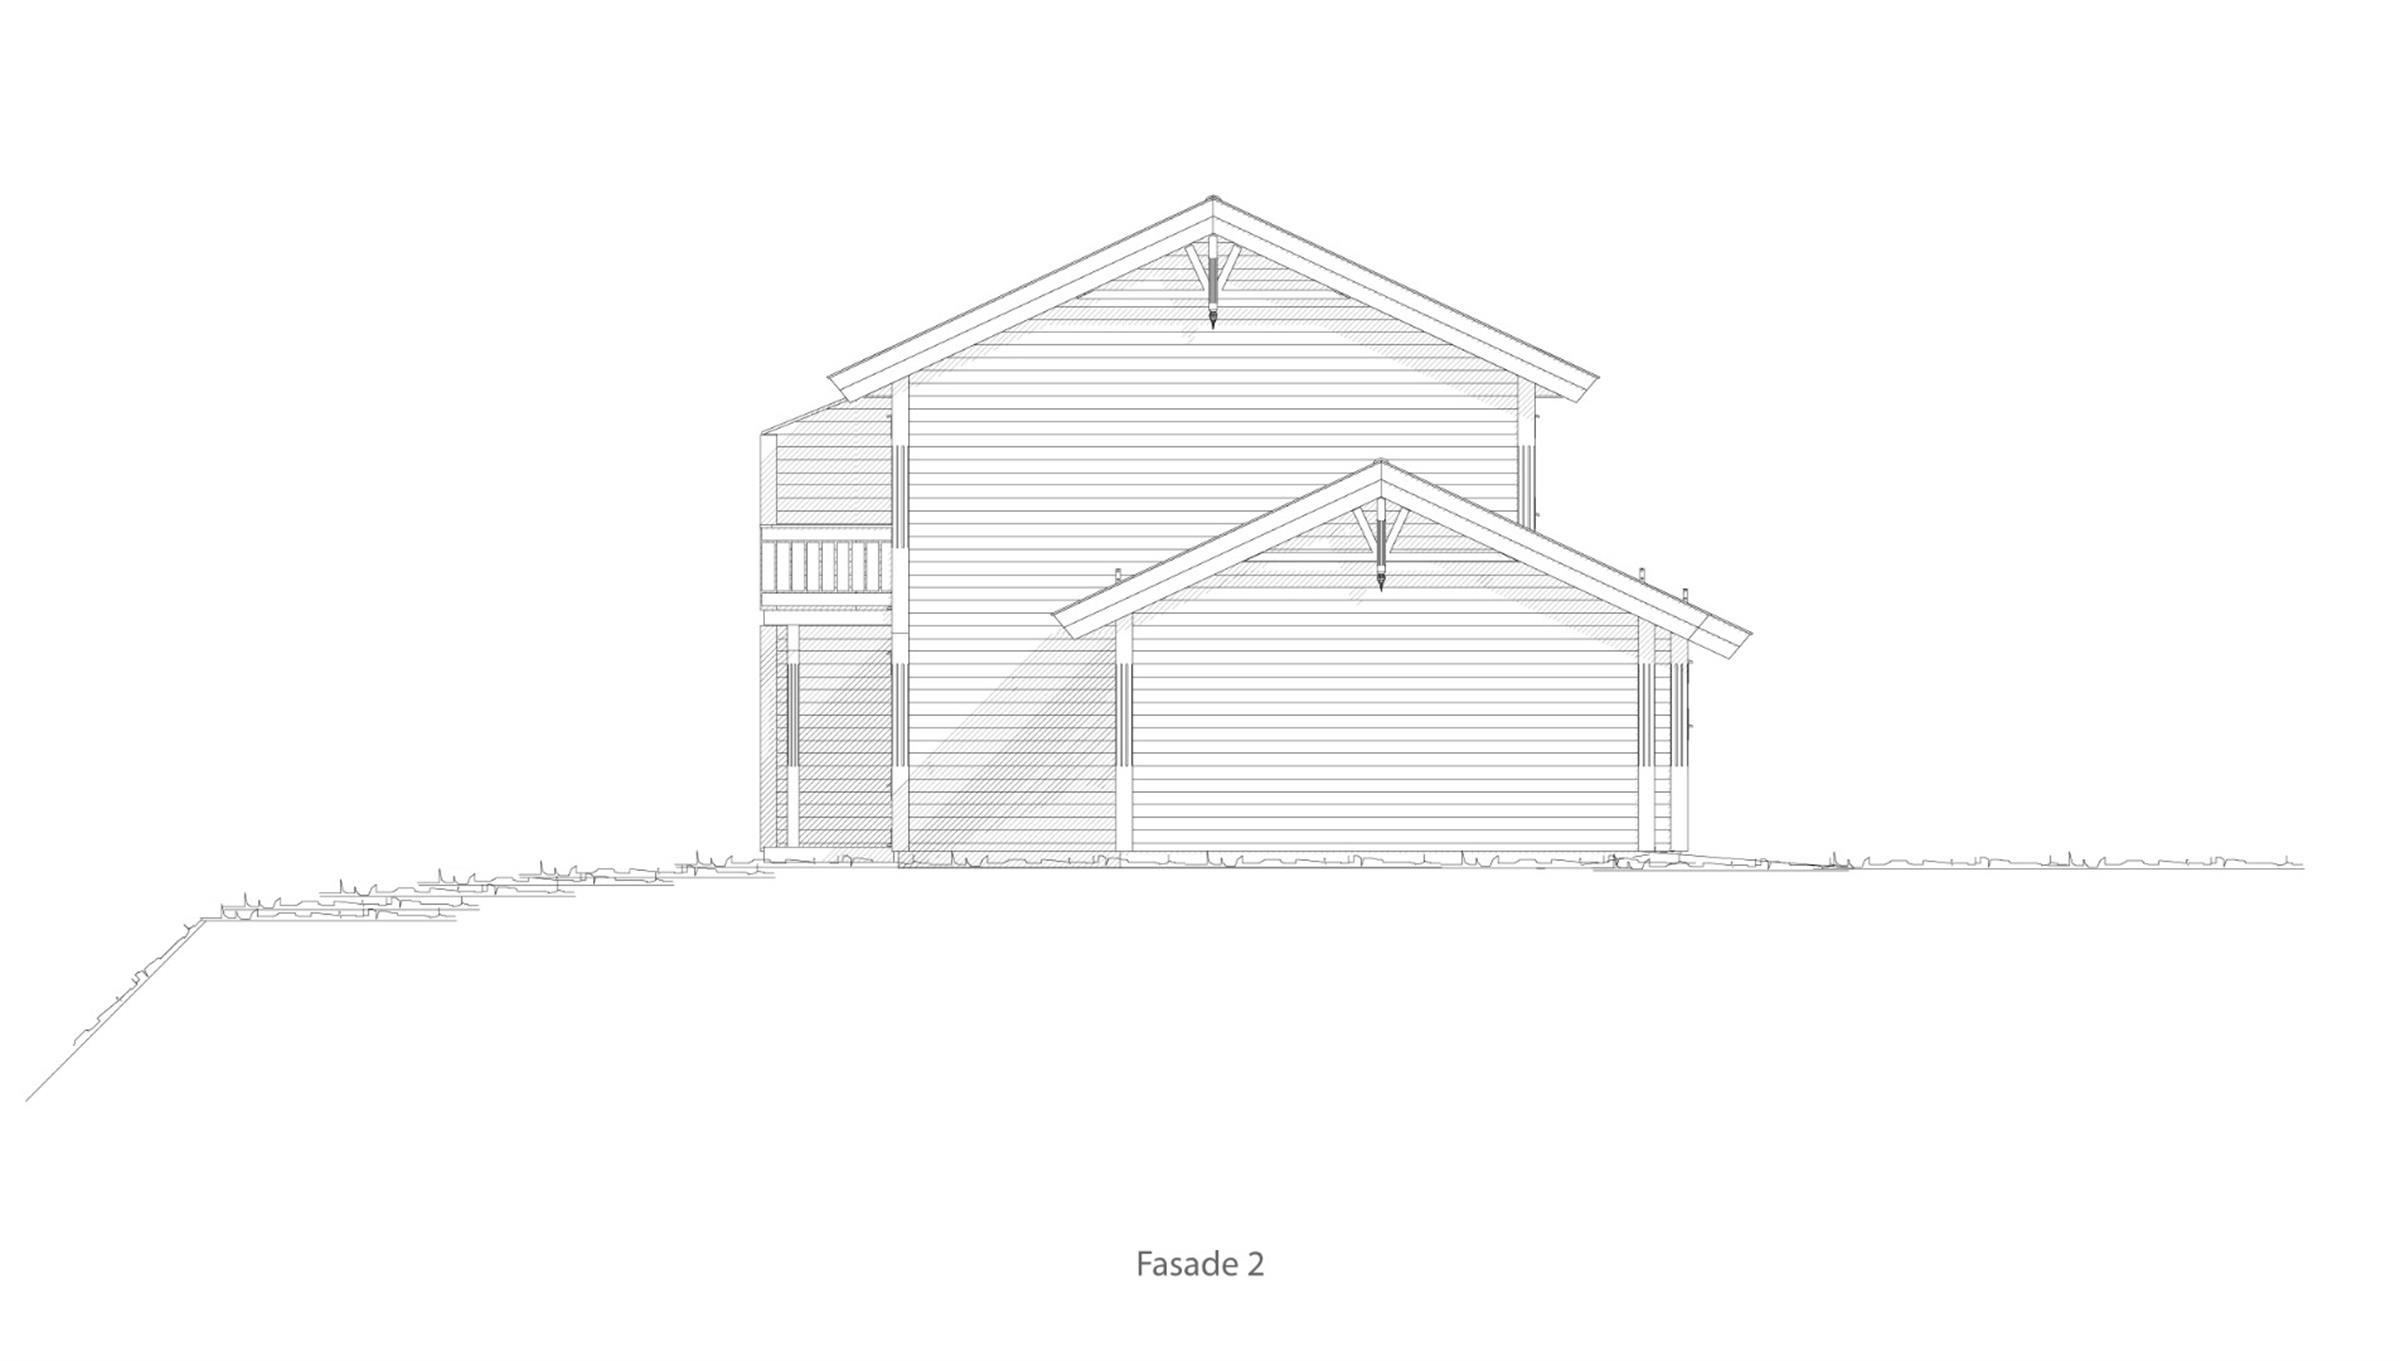 Molde fasade 2